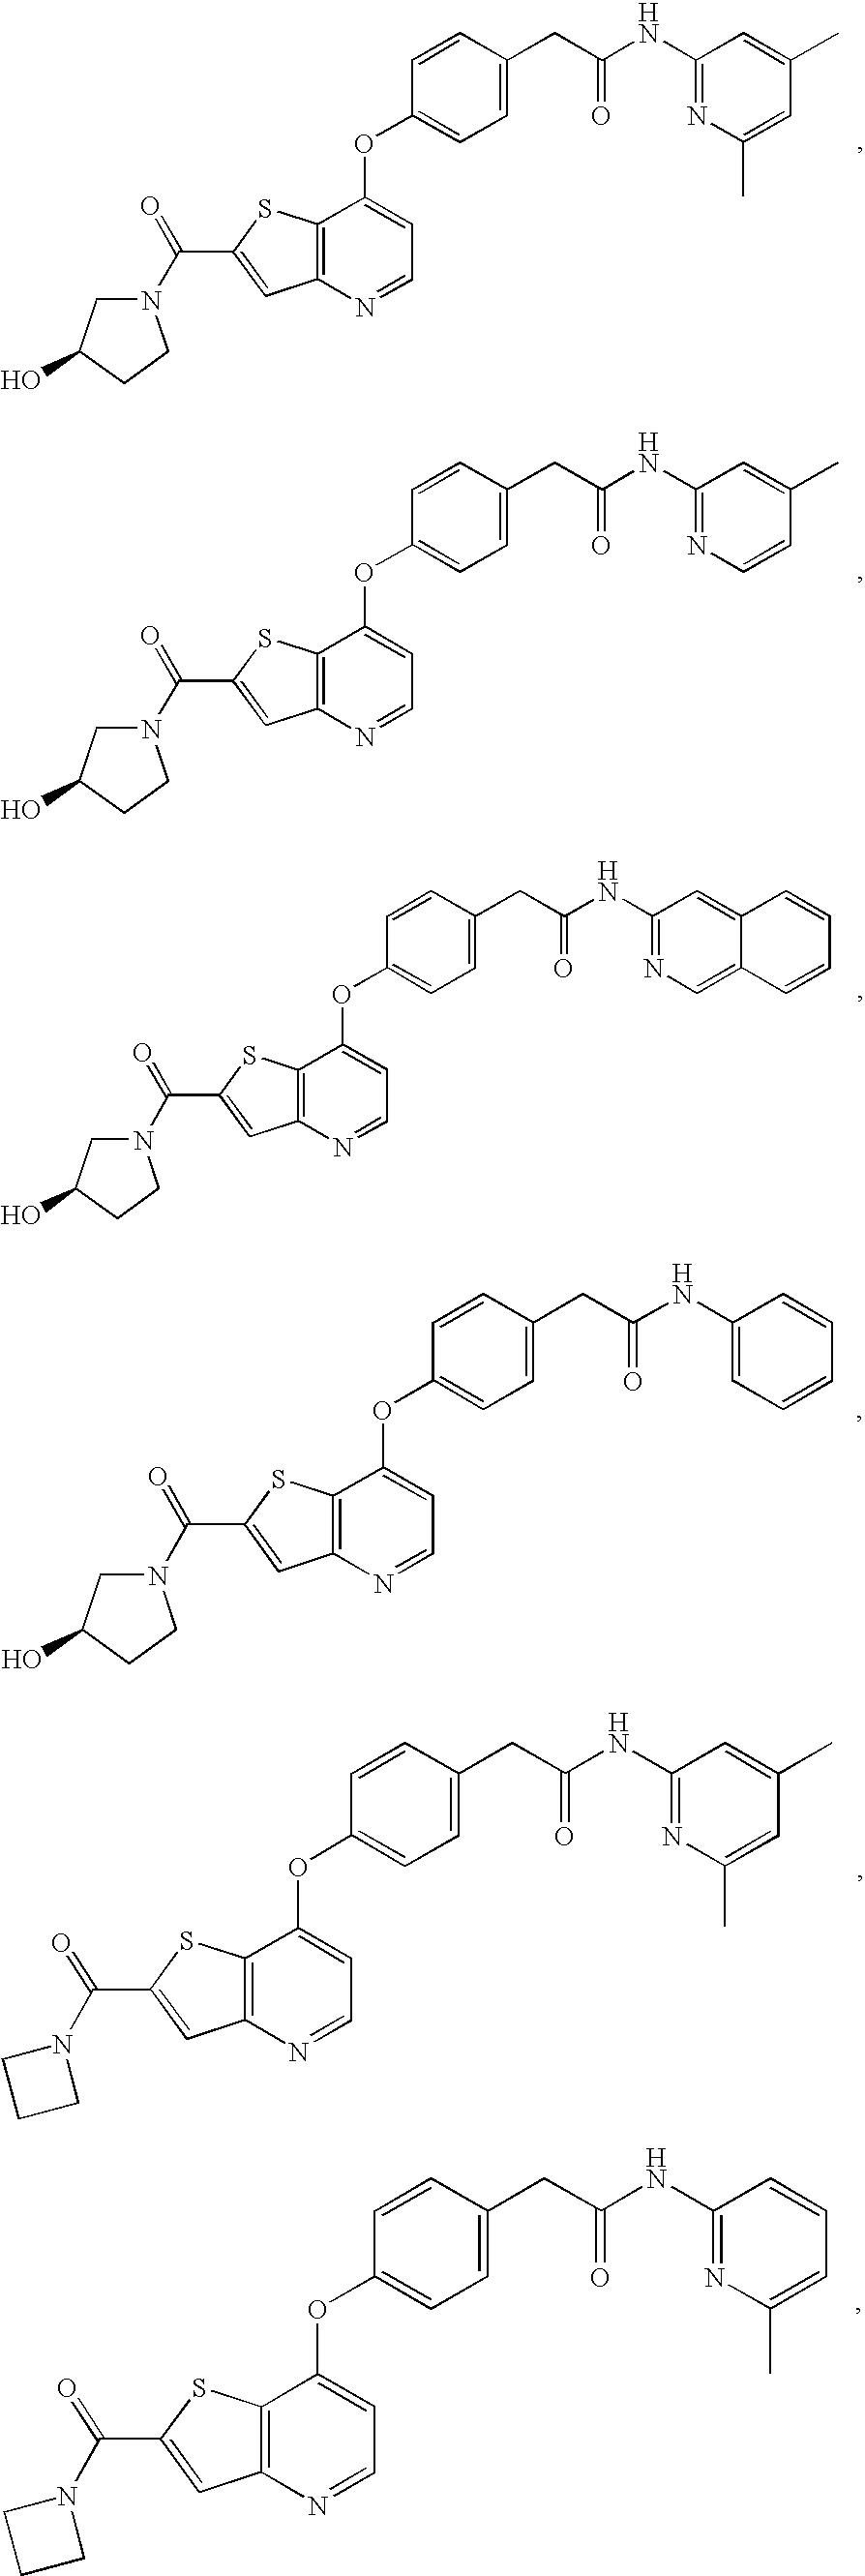 Figure US07208500-20070424-C00005